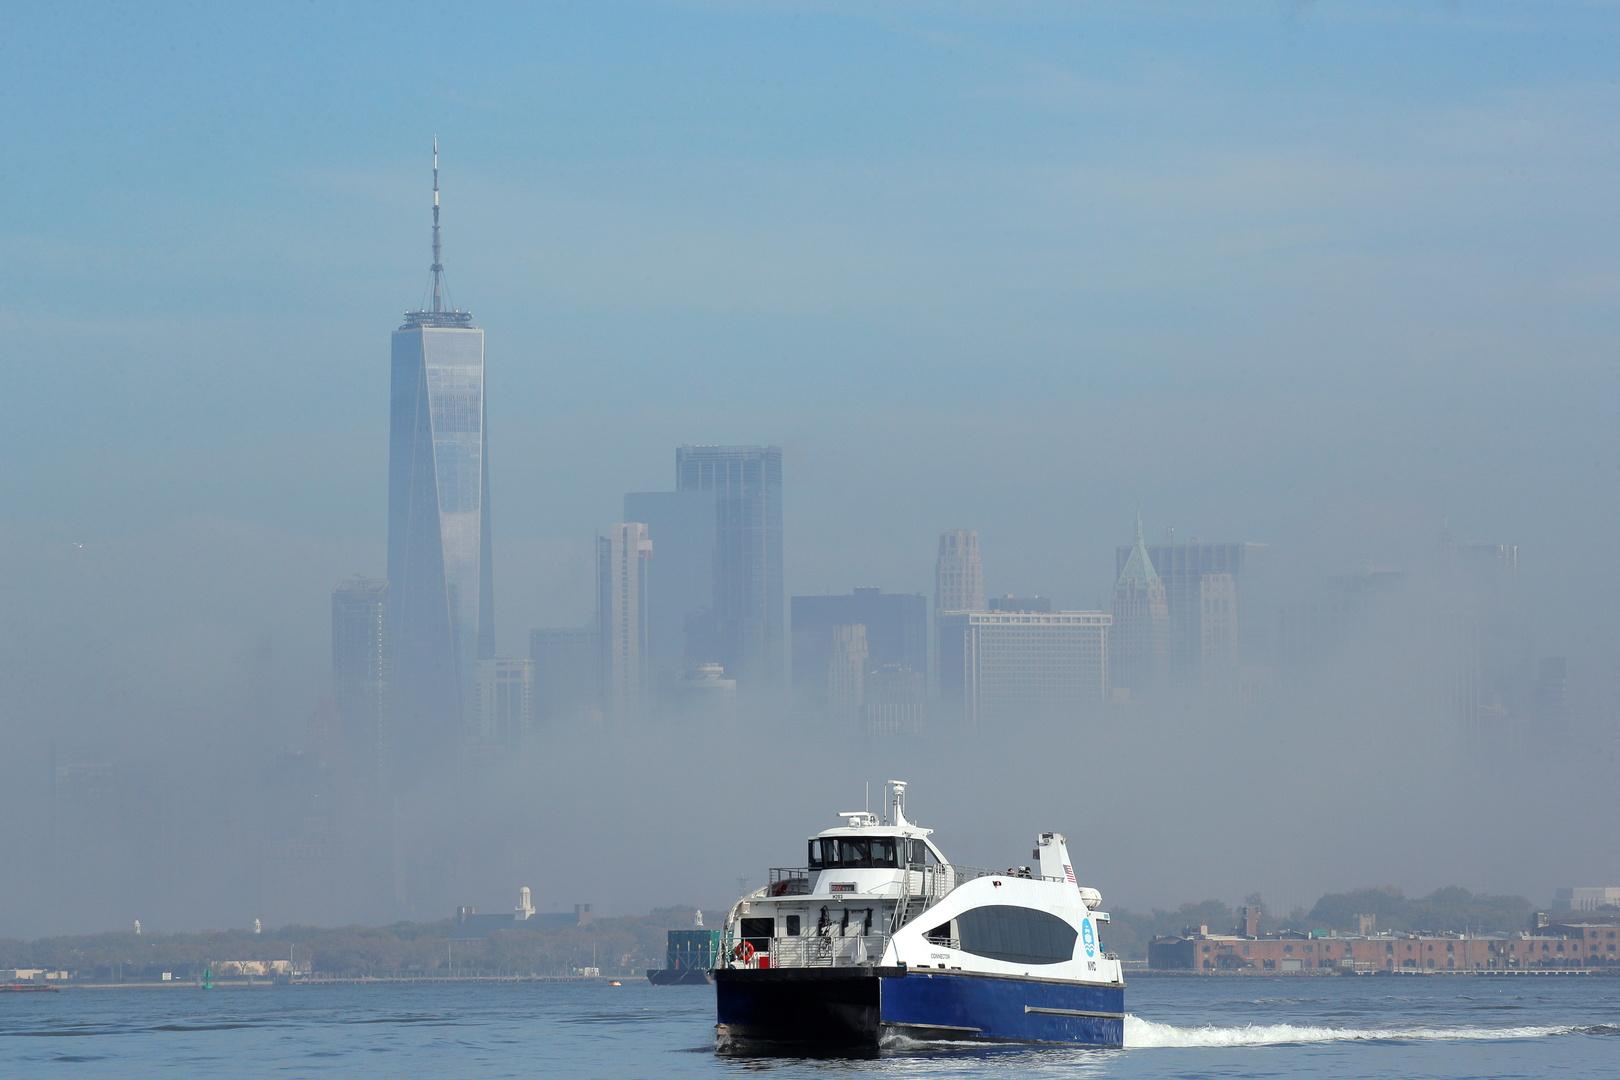 الولايات المتحدة.. اختفاء قارب على متنه 20 شخصا